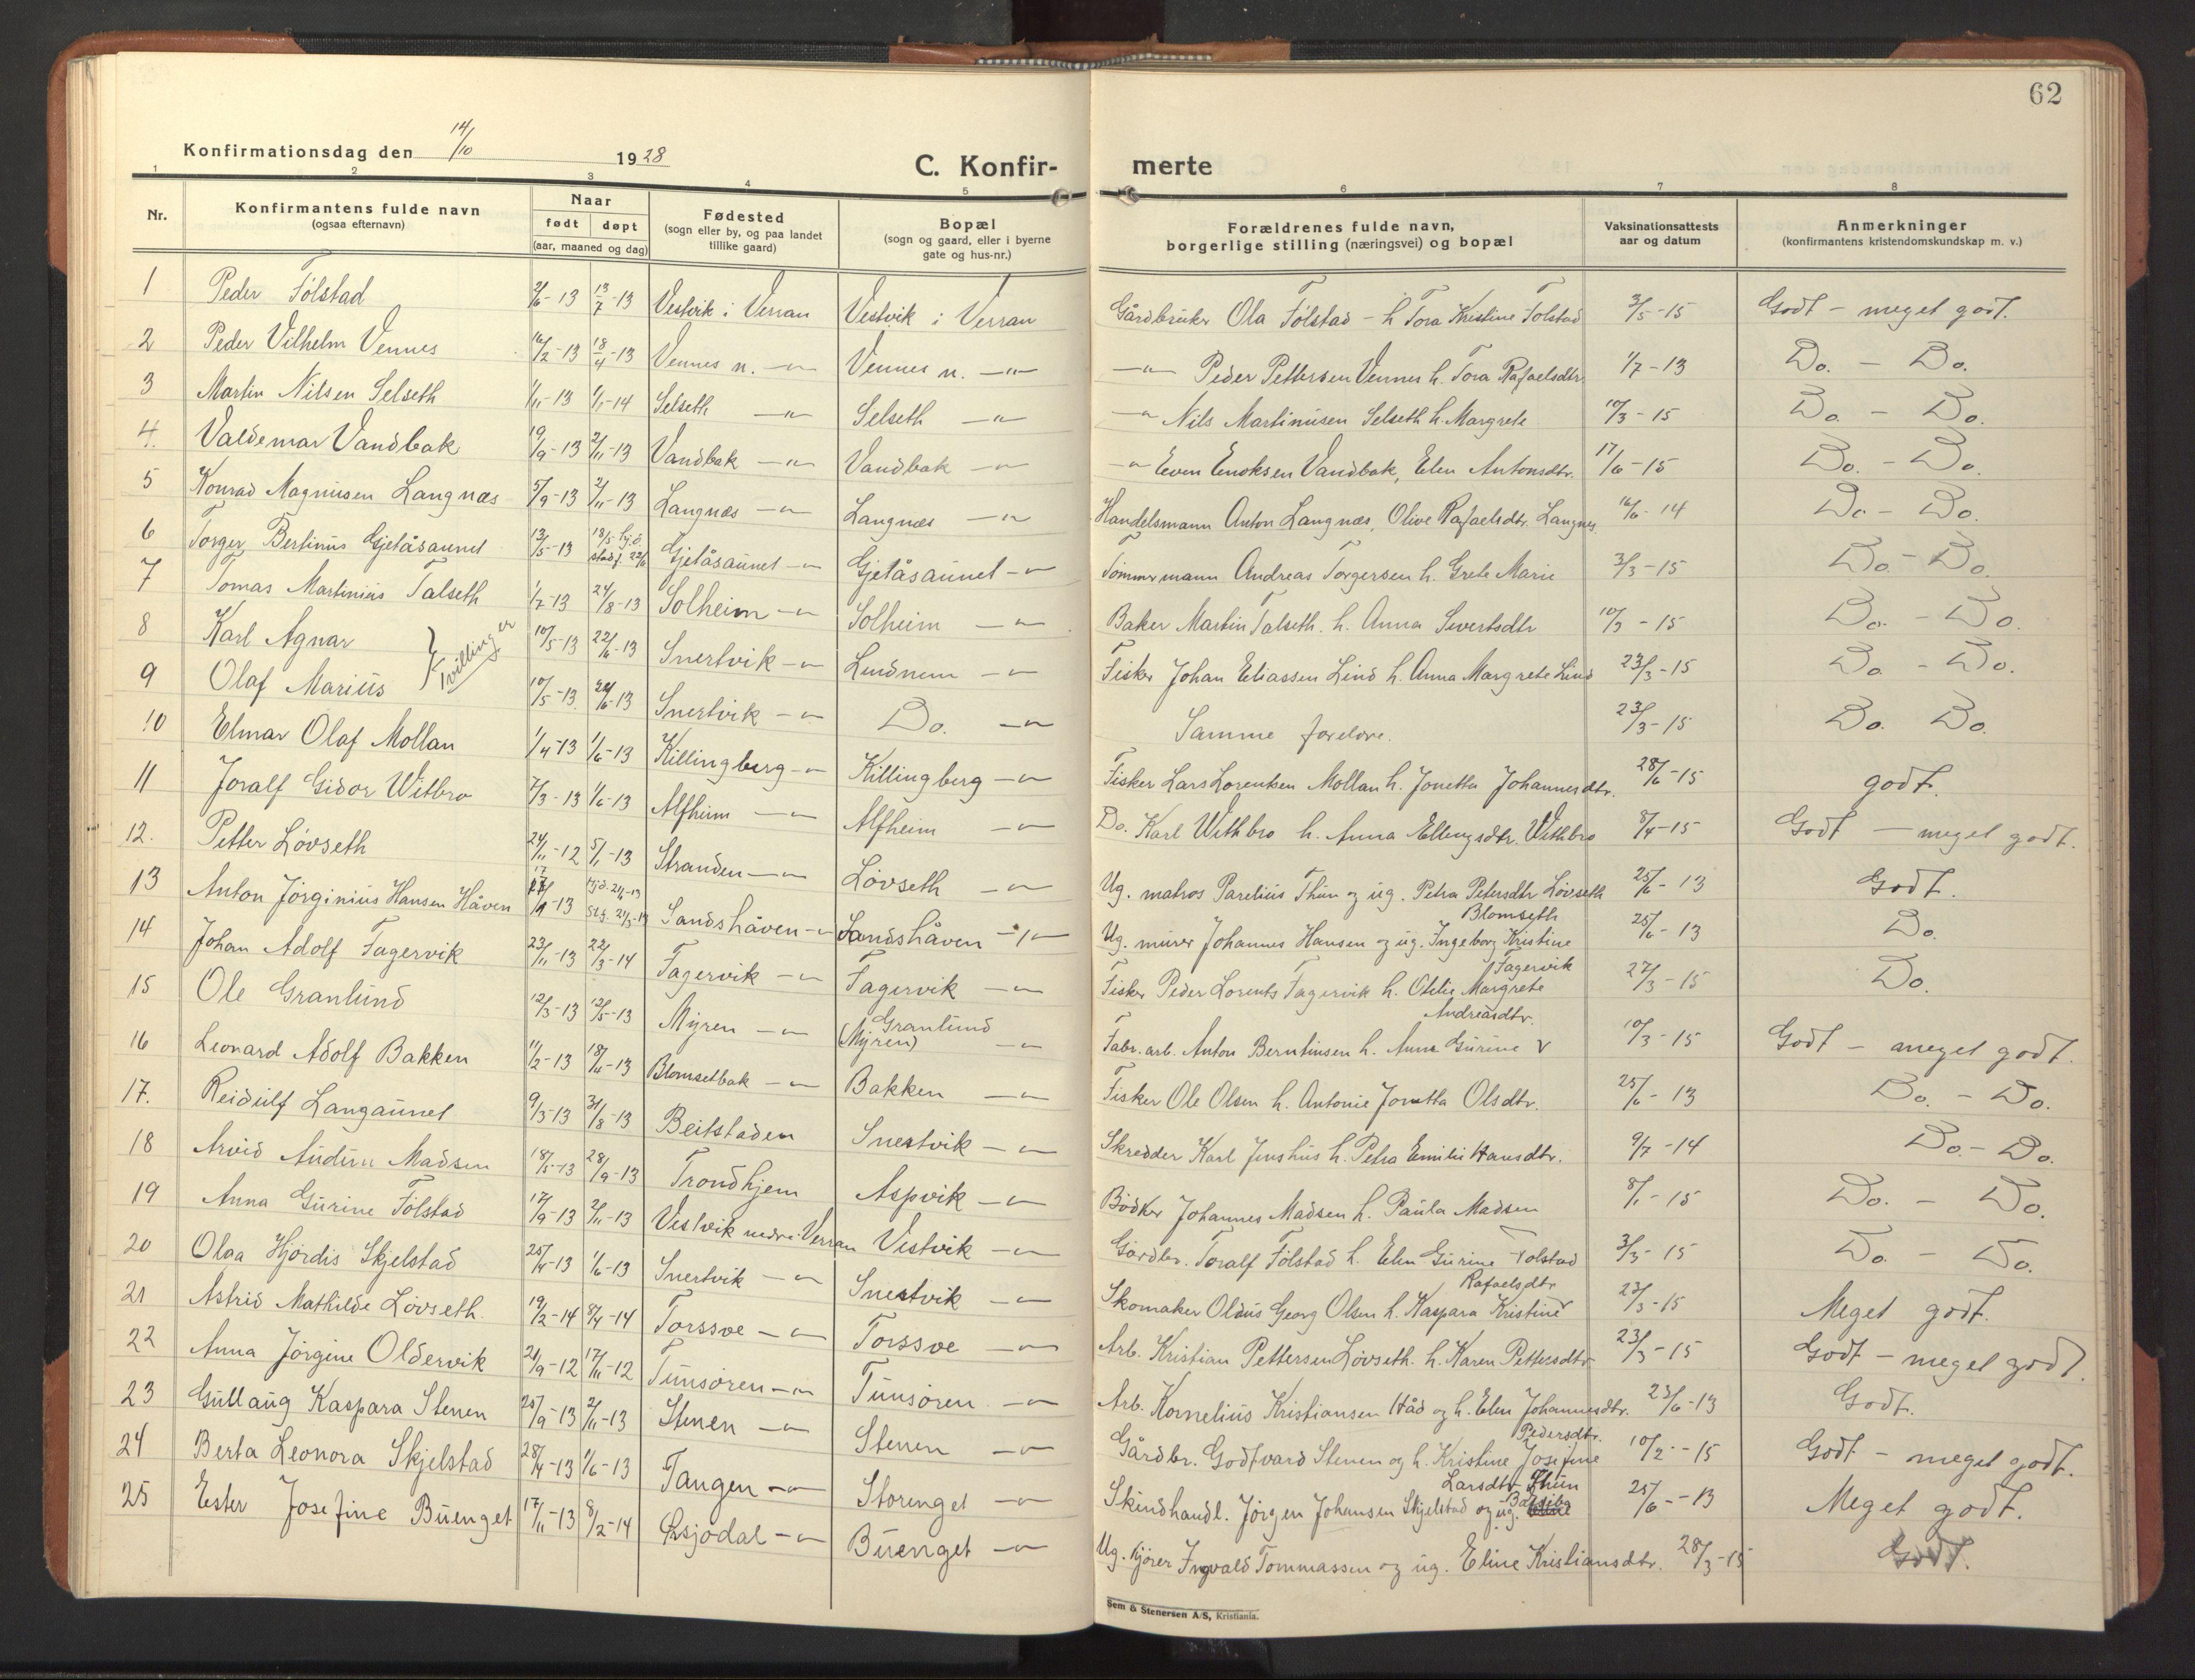 SAT, Ministerialprotokoller, klokkerbøker og fødselsregistre - Nord-Trøndelag, 744/L0425: Klokkerbok nr. 744C04, 1924-1947, s. 62